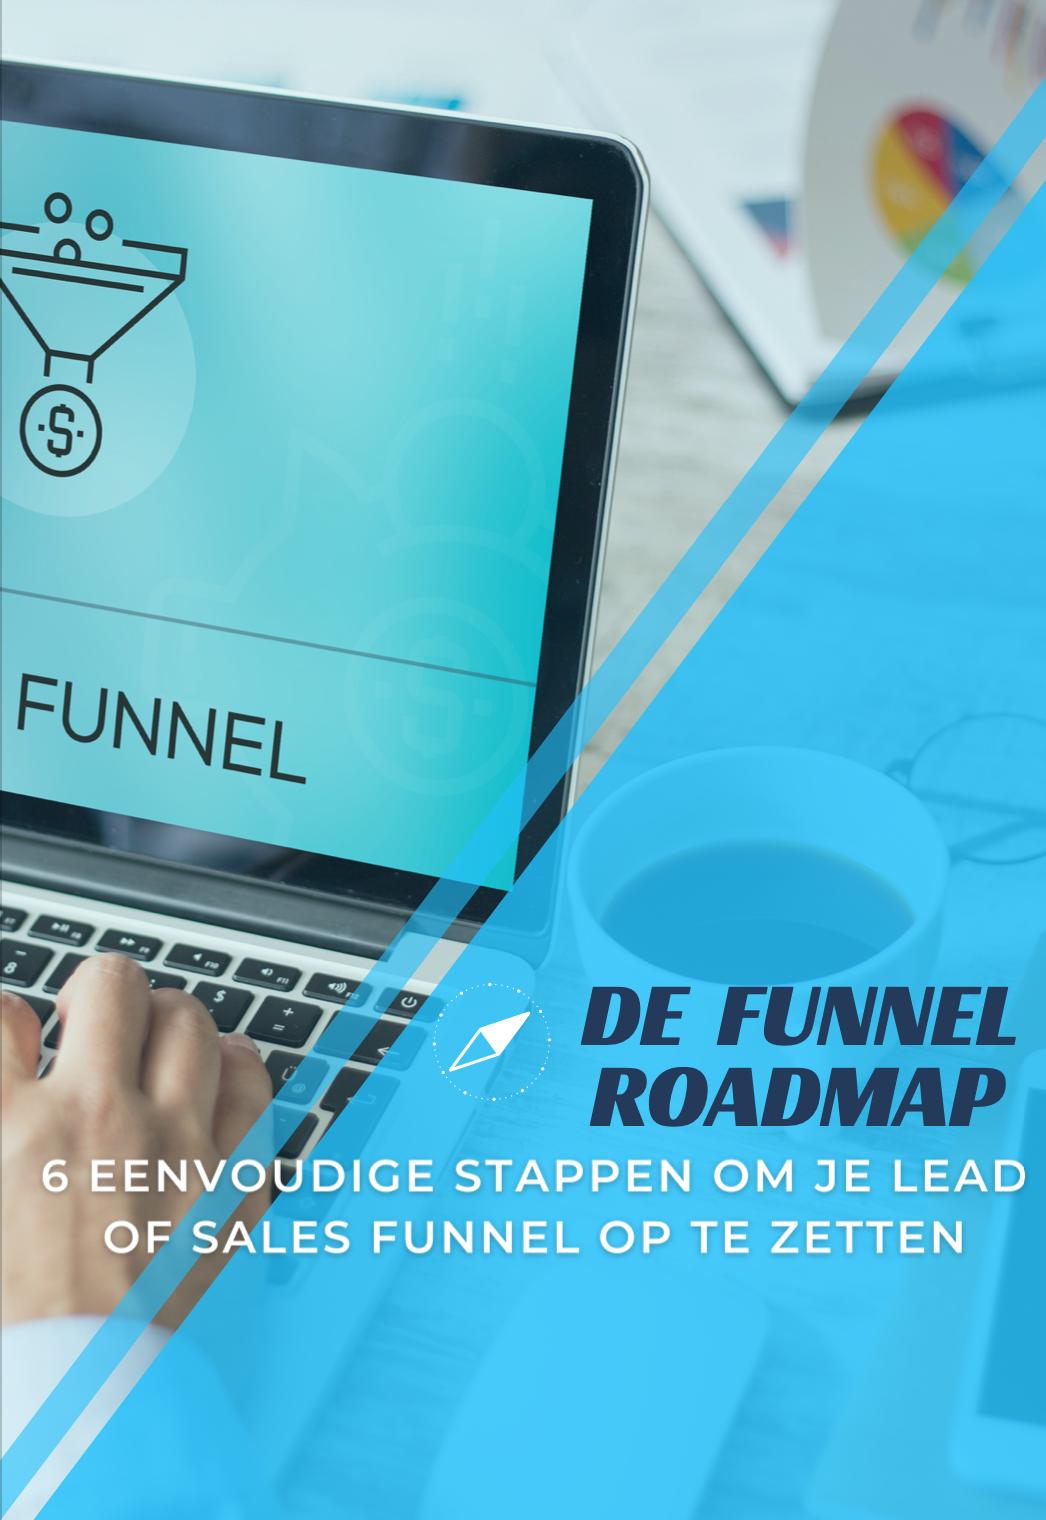 Funnel Roadmap